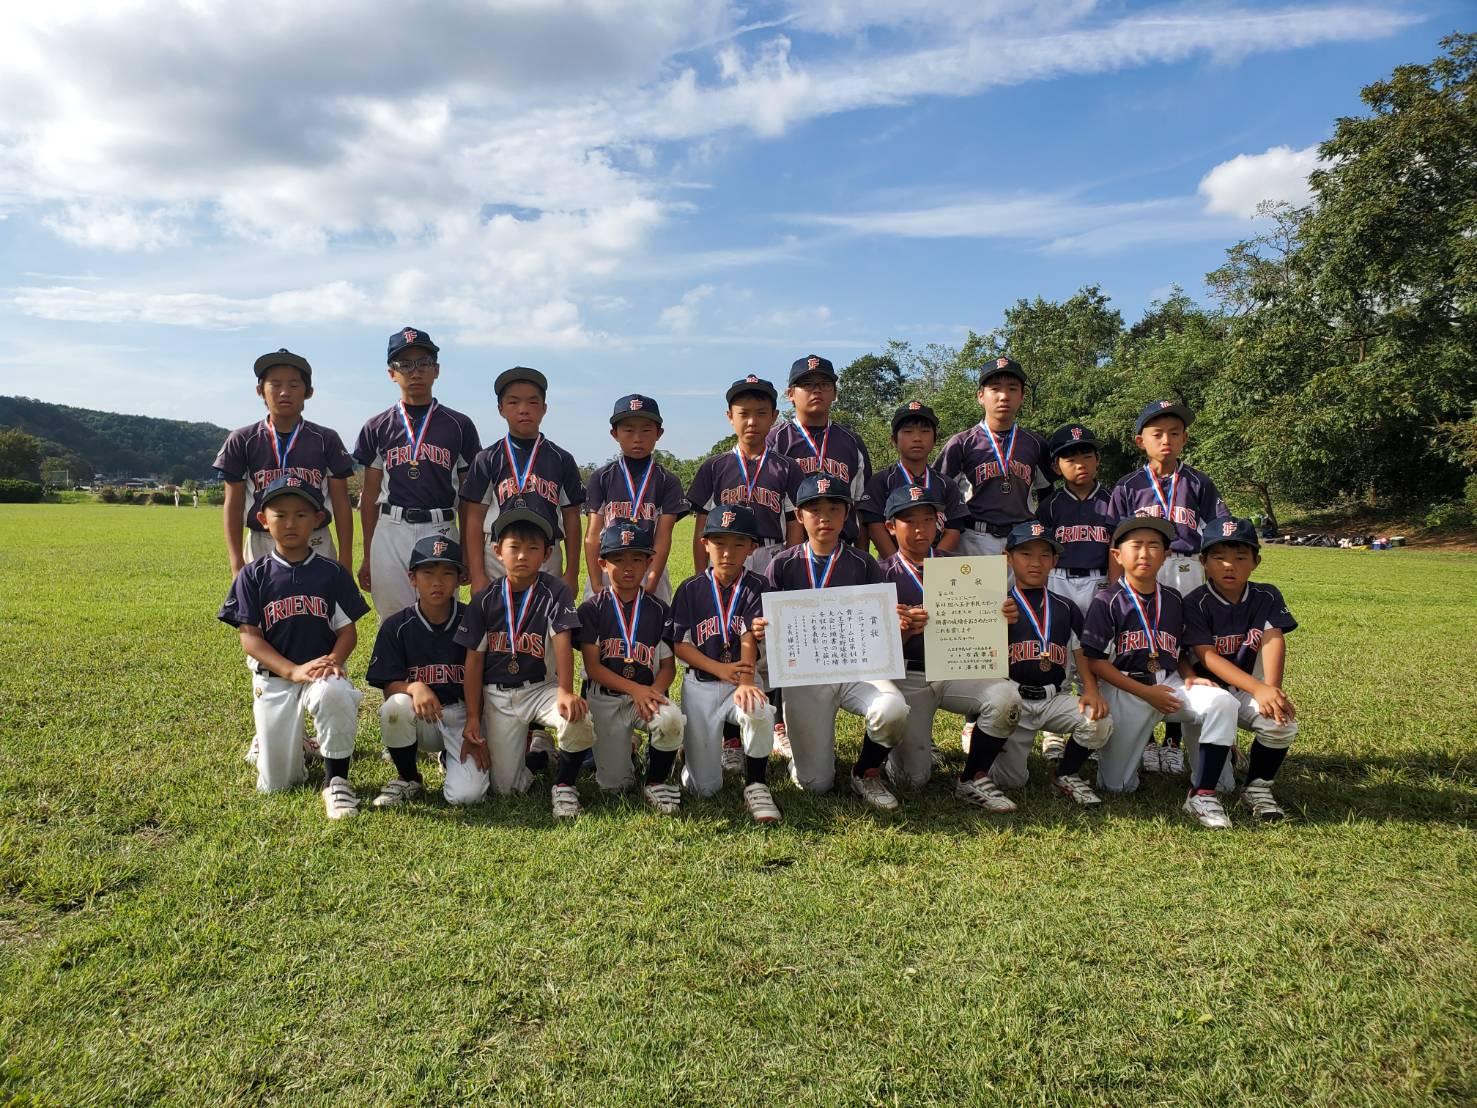 第44回 八王子市少年軟式野球 秋季大会 第三位・フレンズジュニア 令和元年9月29日